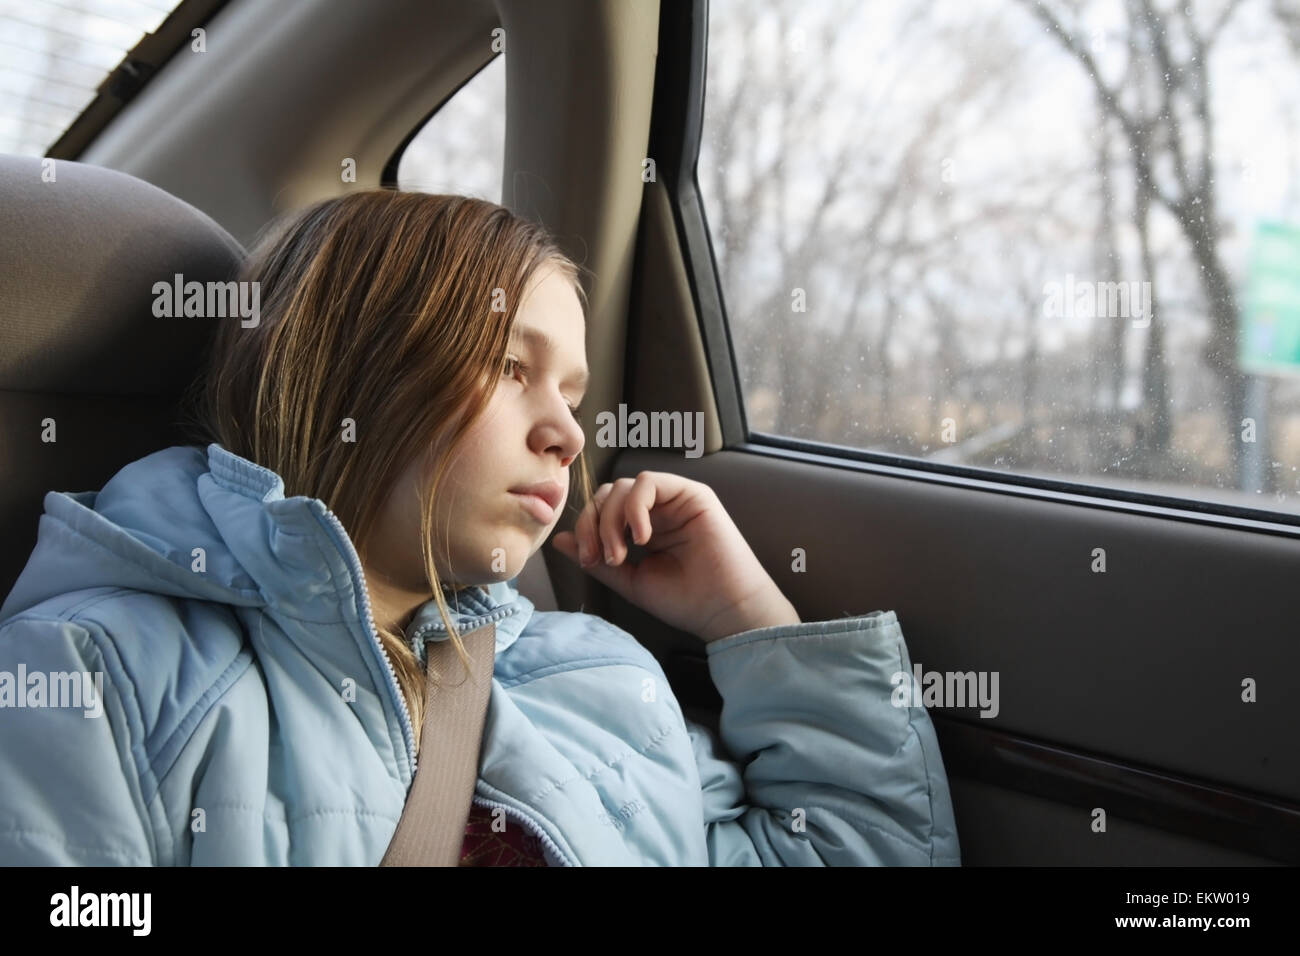 Ein Mädchen sitzt auf dem Rücksitz eines Autos schaut aus dem ...